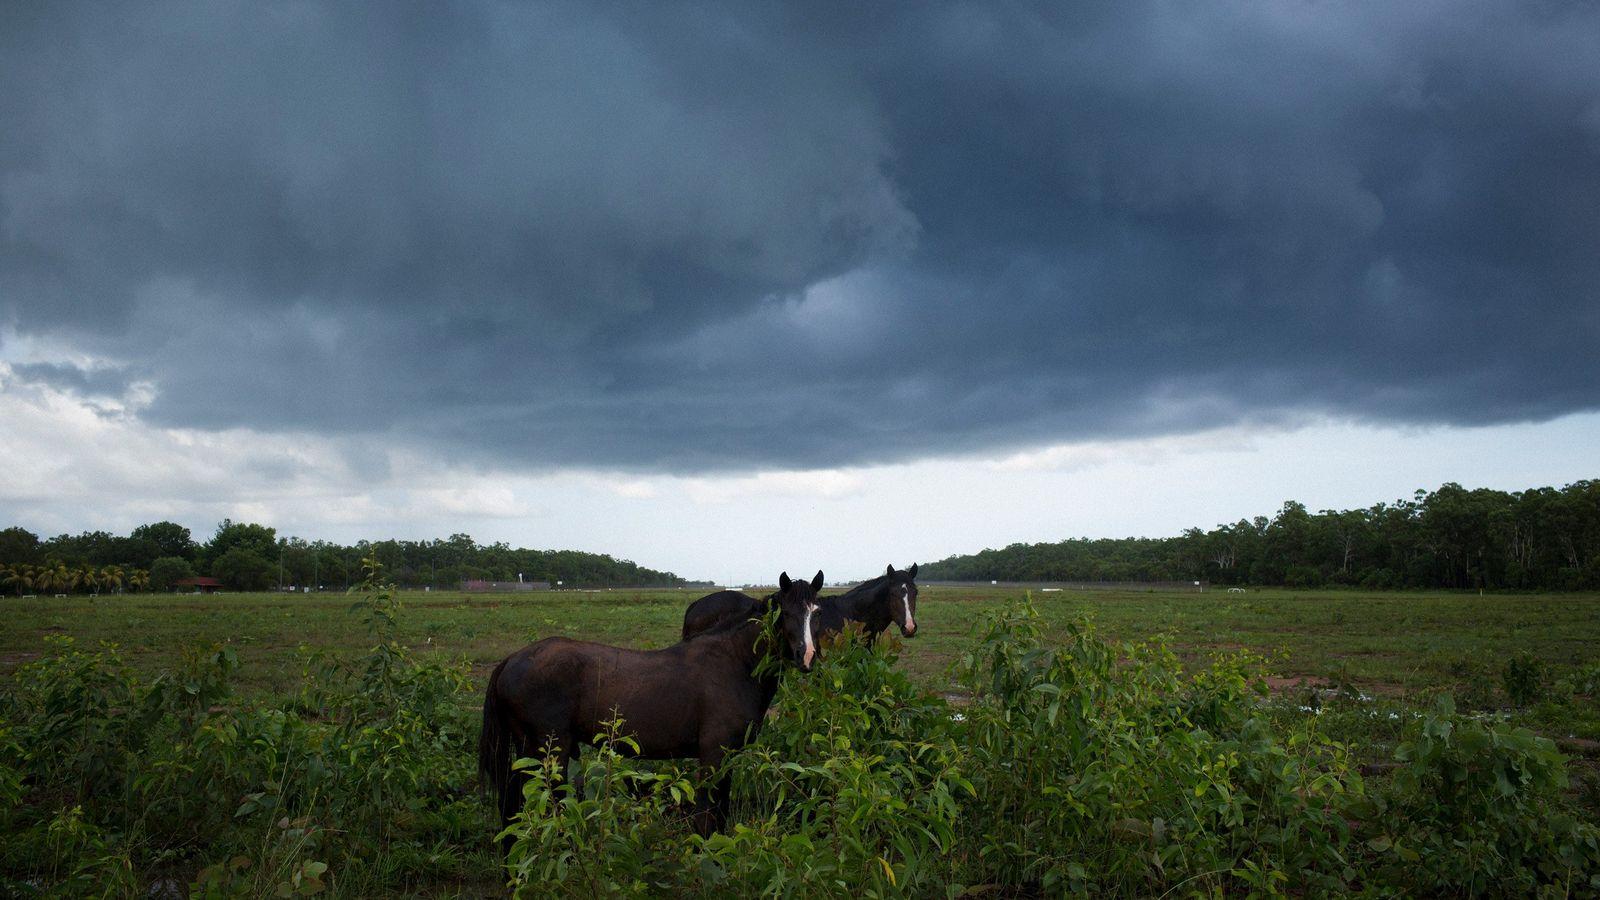 Wilde Brumbys – verwilderte Hauspferde – weiden in der Nähe eines kleinen Flughafens in der Gemeinde ...